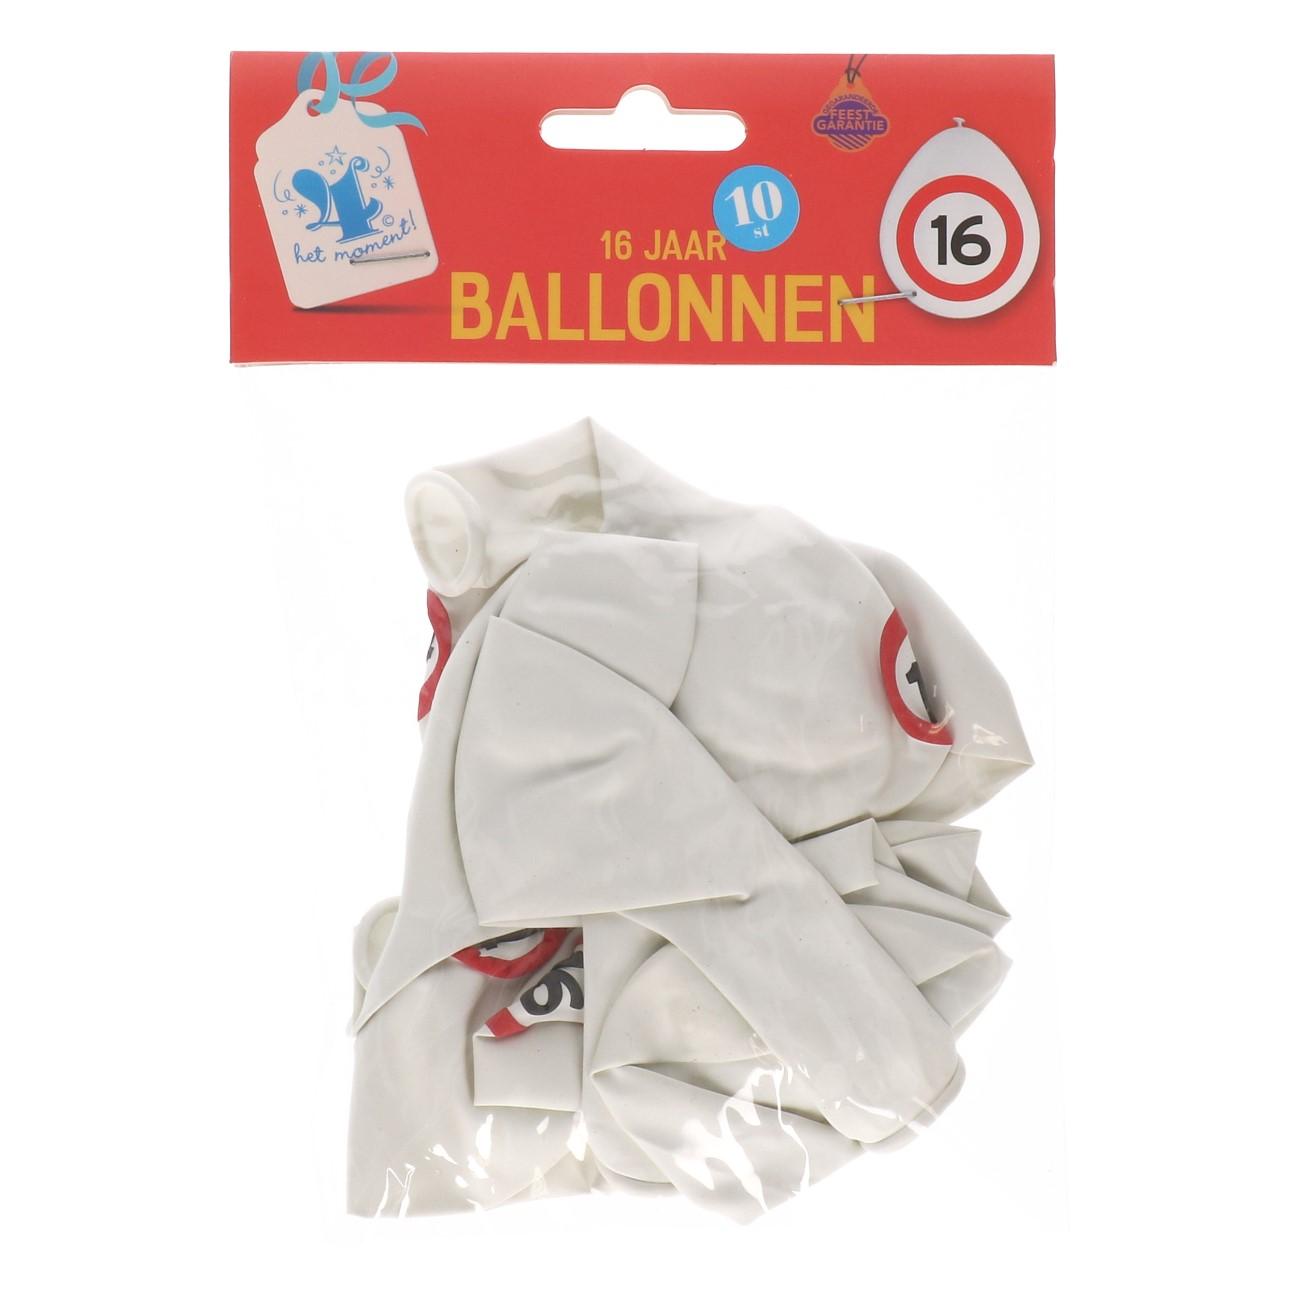 Ballonnen 16 jaar 10 stuks verkeersbord